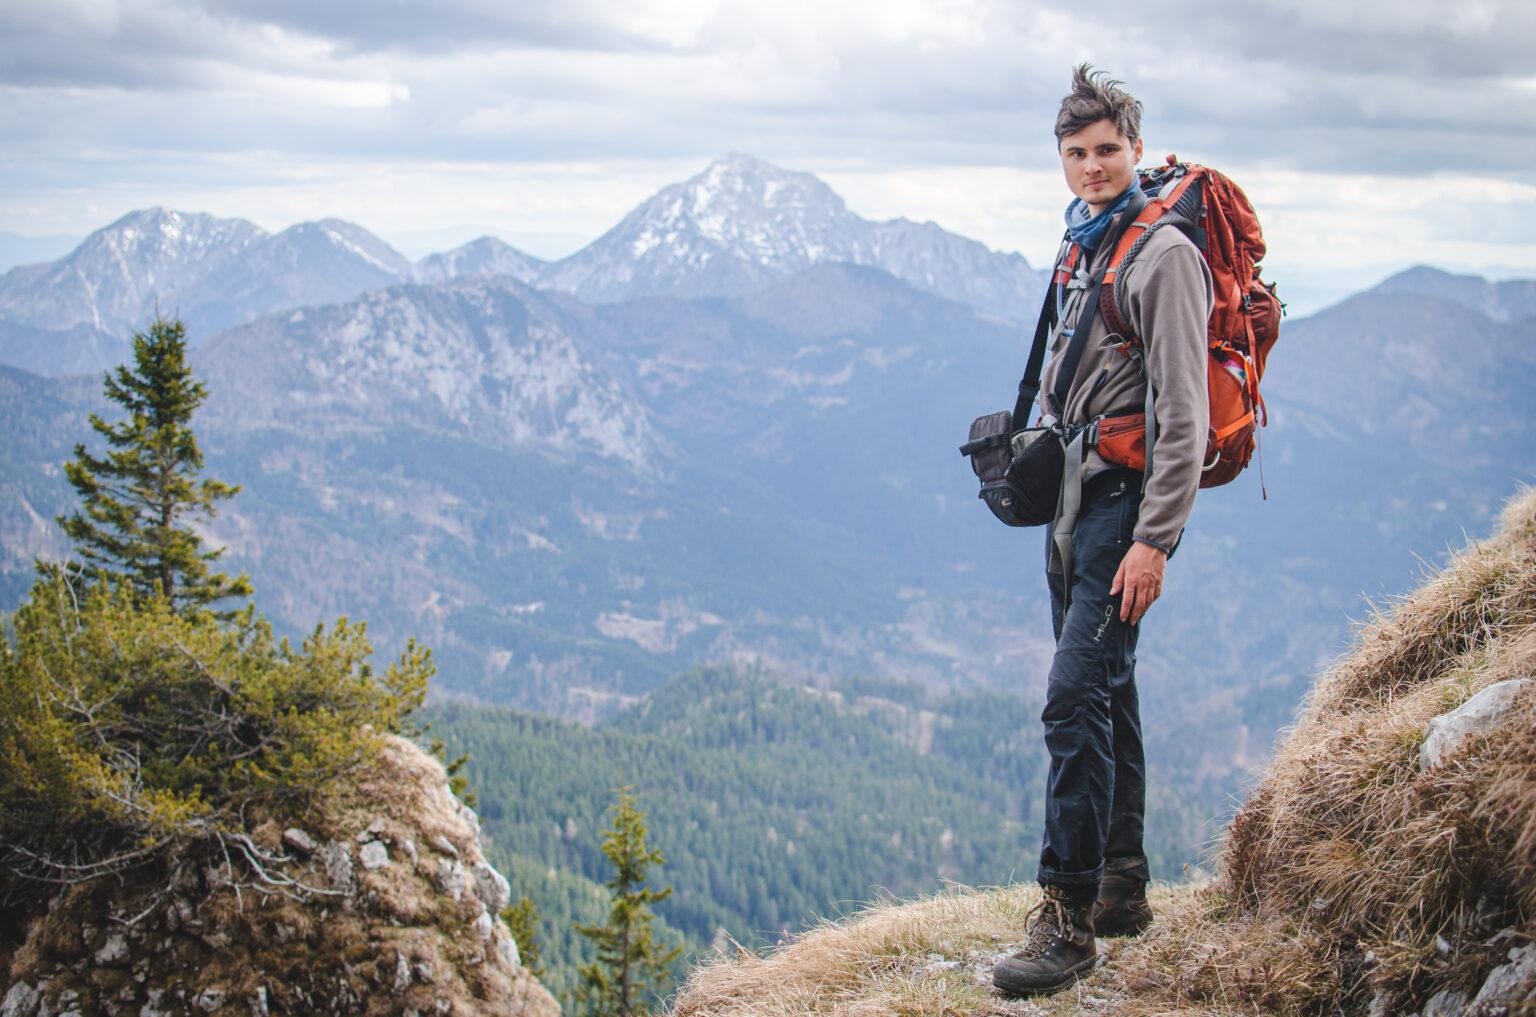 Turysta z plecakiem i aparatem, w tle góry - Storžič, Alpy Kamnicko-Sawińskie